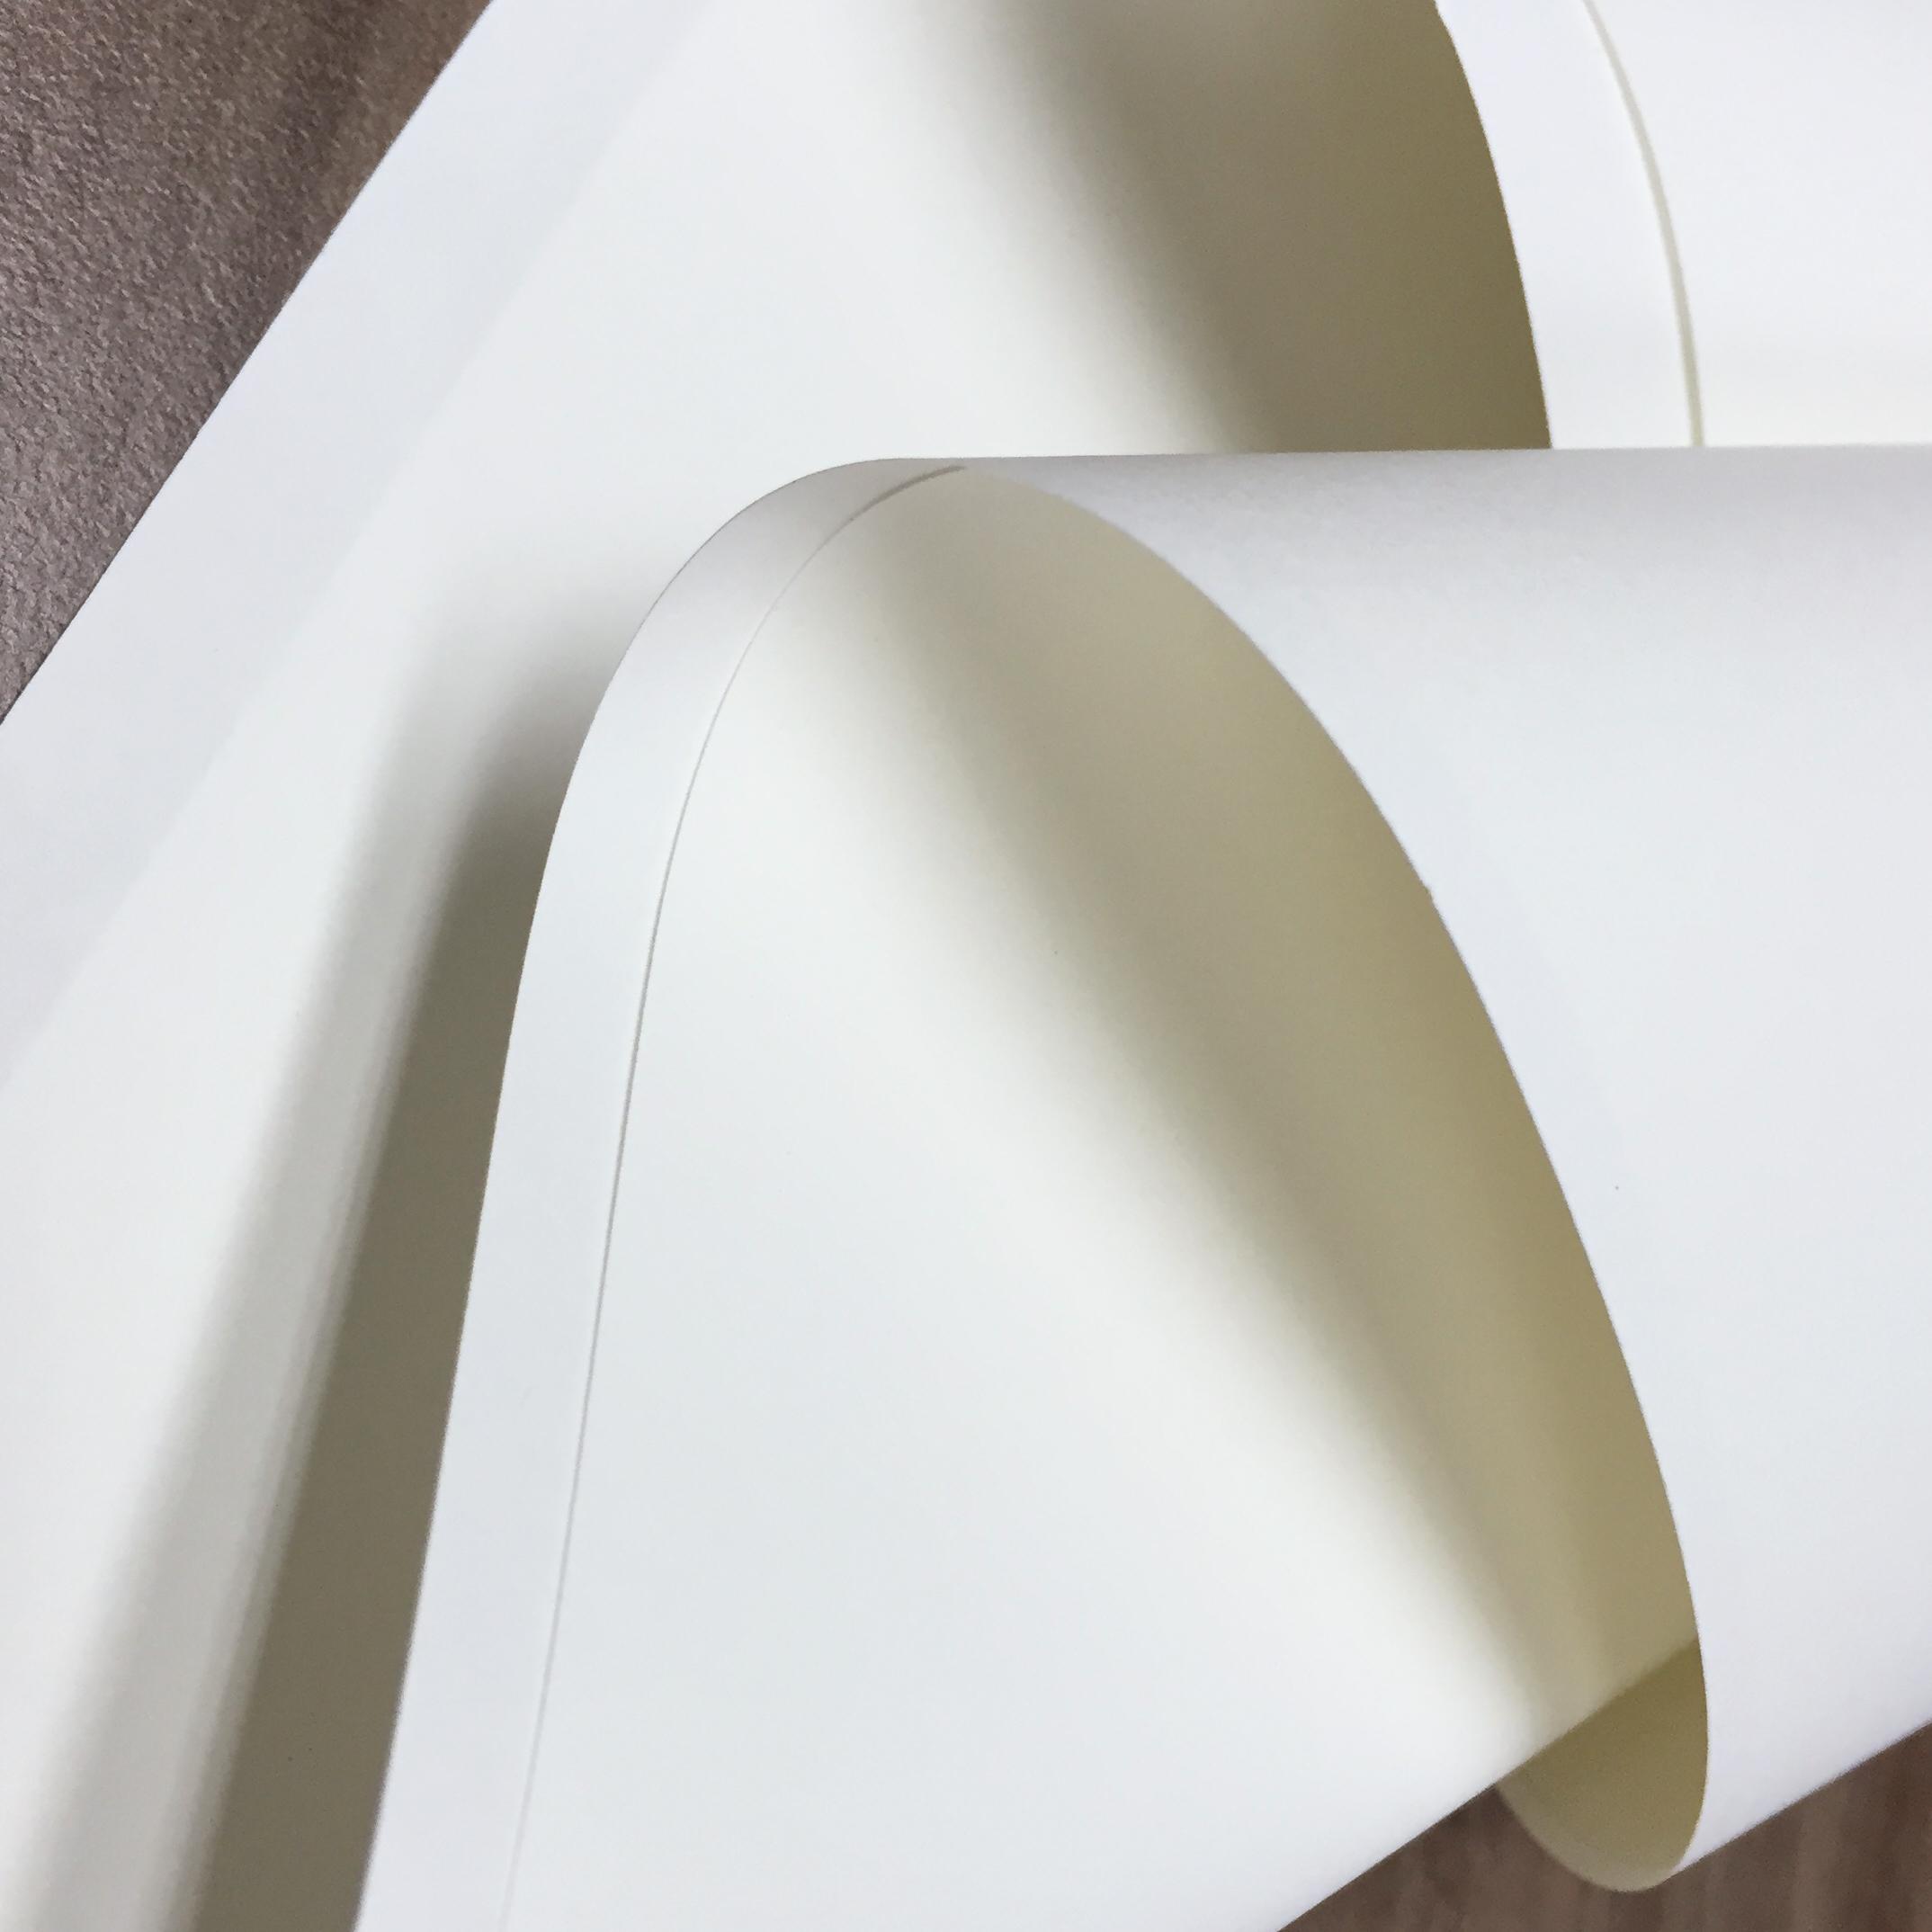 giấy crytsal dùng để in card vistit